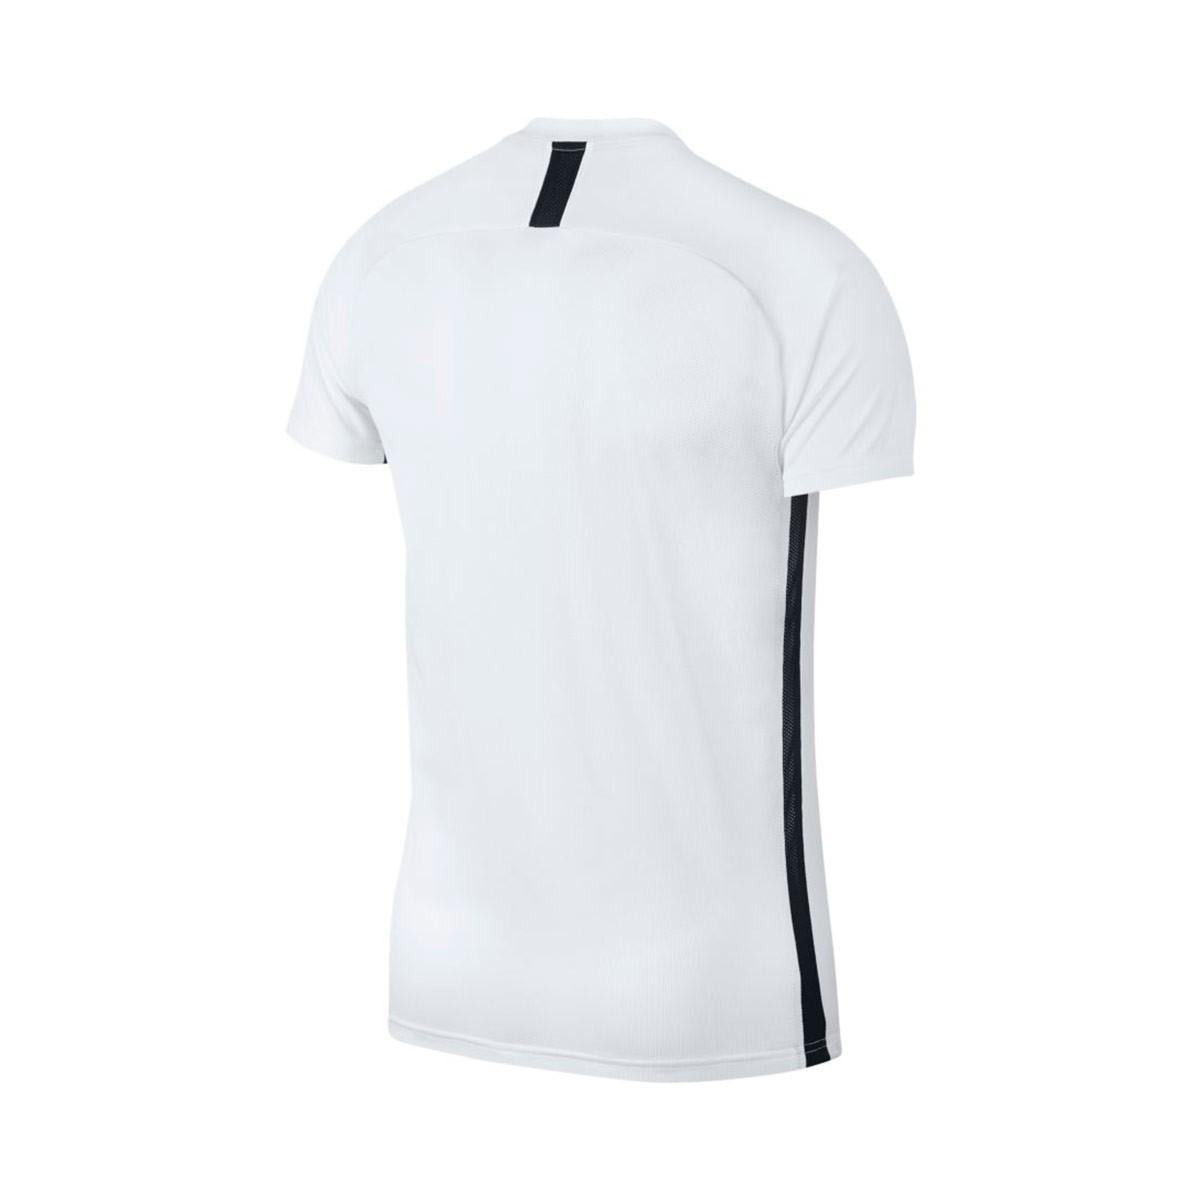 gran descuento venta conseguir baratas estilos clásicos Nike Dri-FIT Academy Jersey